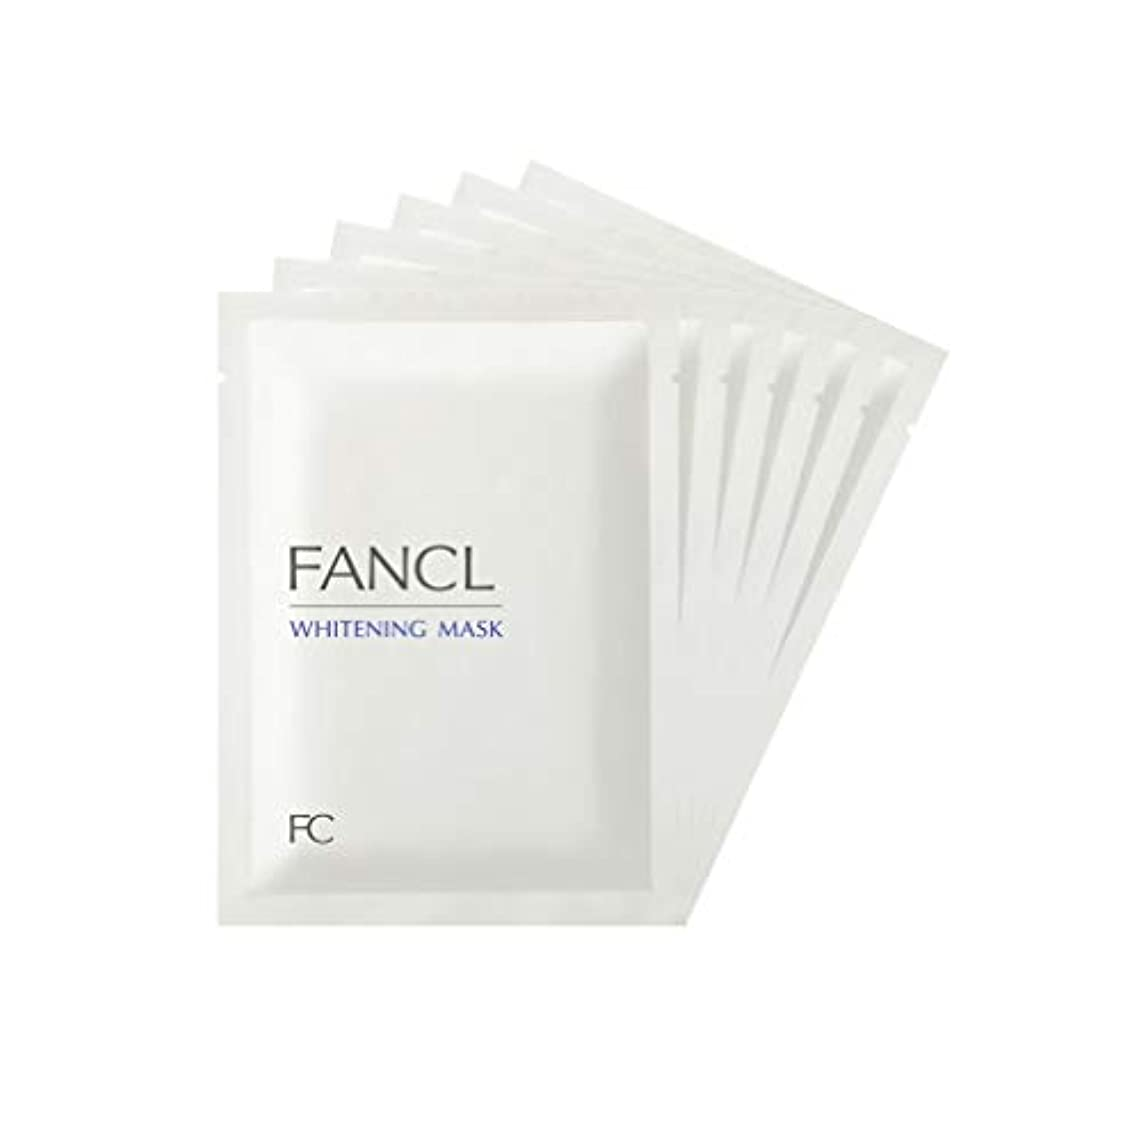 コピーラジカル迷惑ファンケル (FANCL) 新 ホワイトニング マスク 6枚セット (21mL×6) 【医薬部外品】